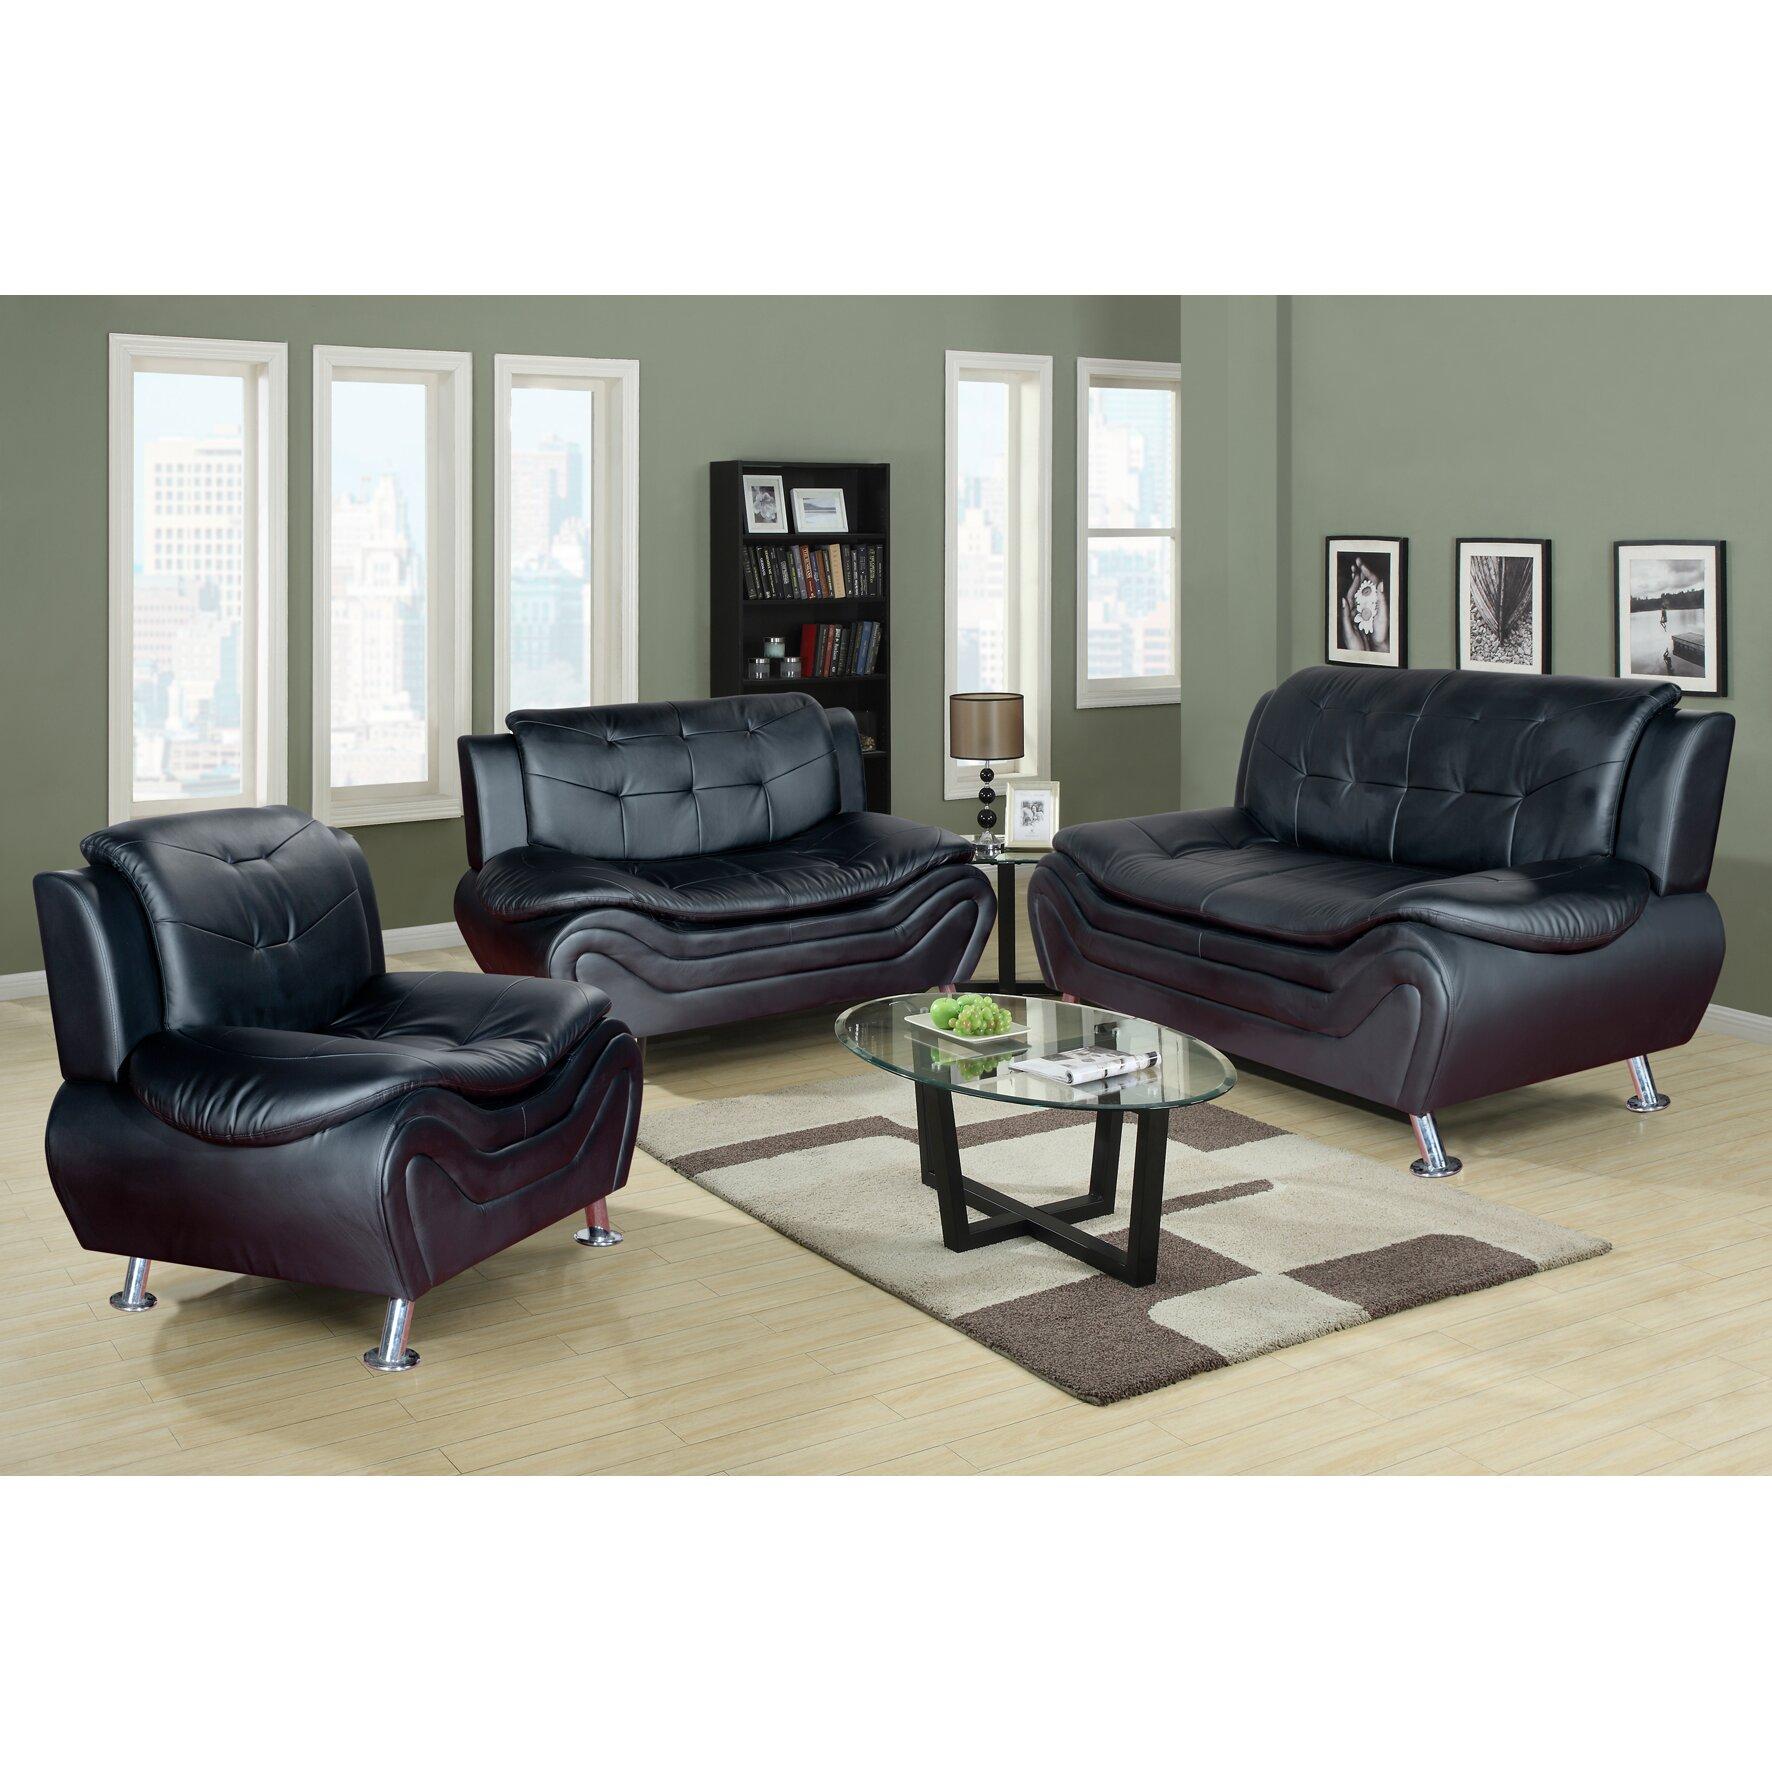 3 piece living room set under 500 - euskal